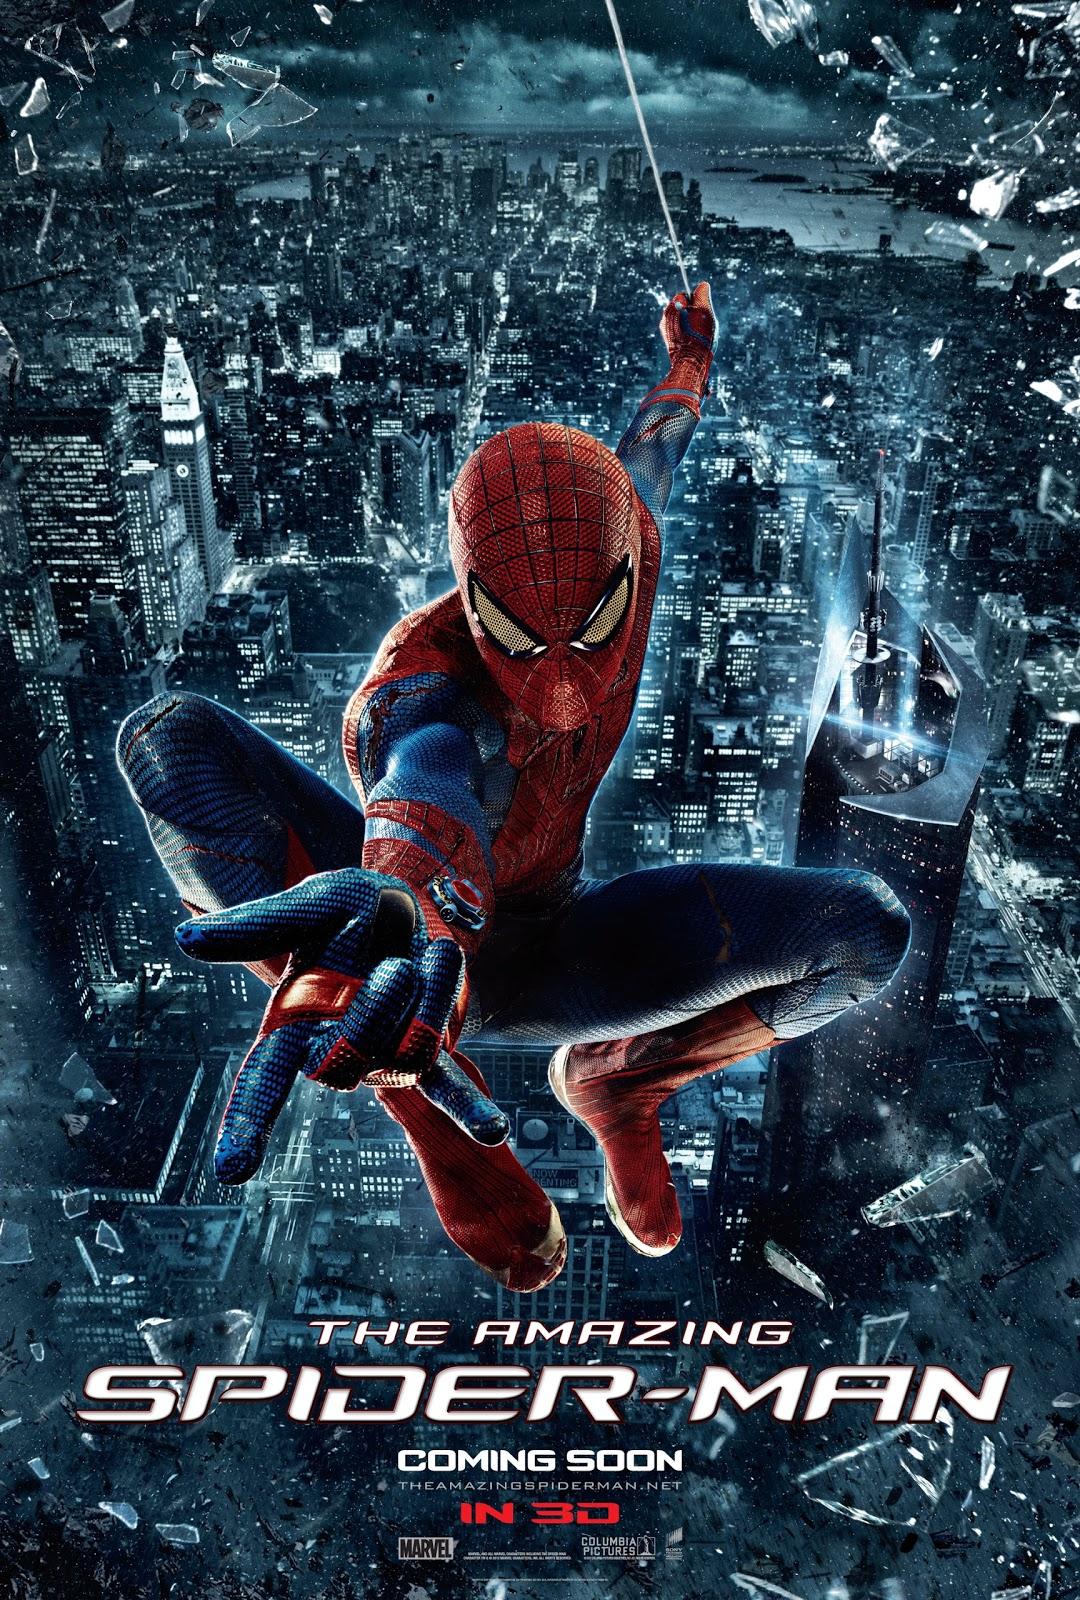 Izlety puanı 9 2 10 imdb puanı 7 8 10 yapım 2012 abd filmin türü